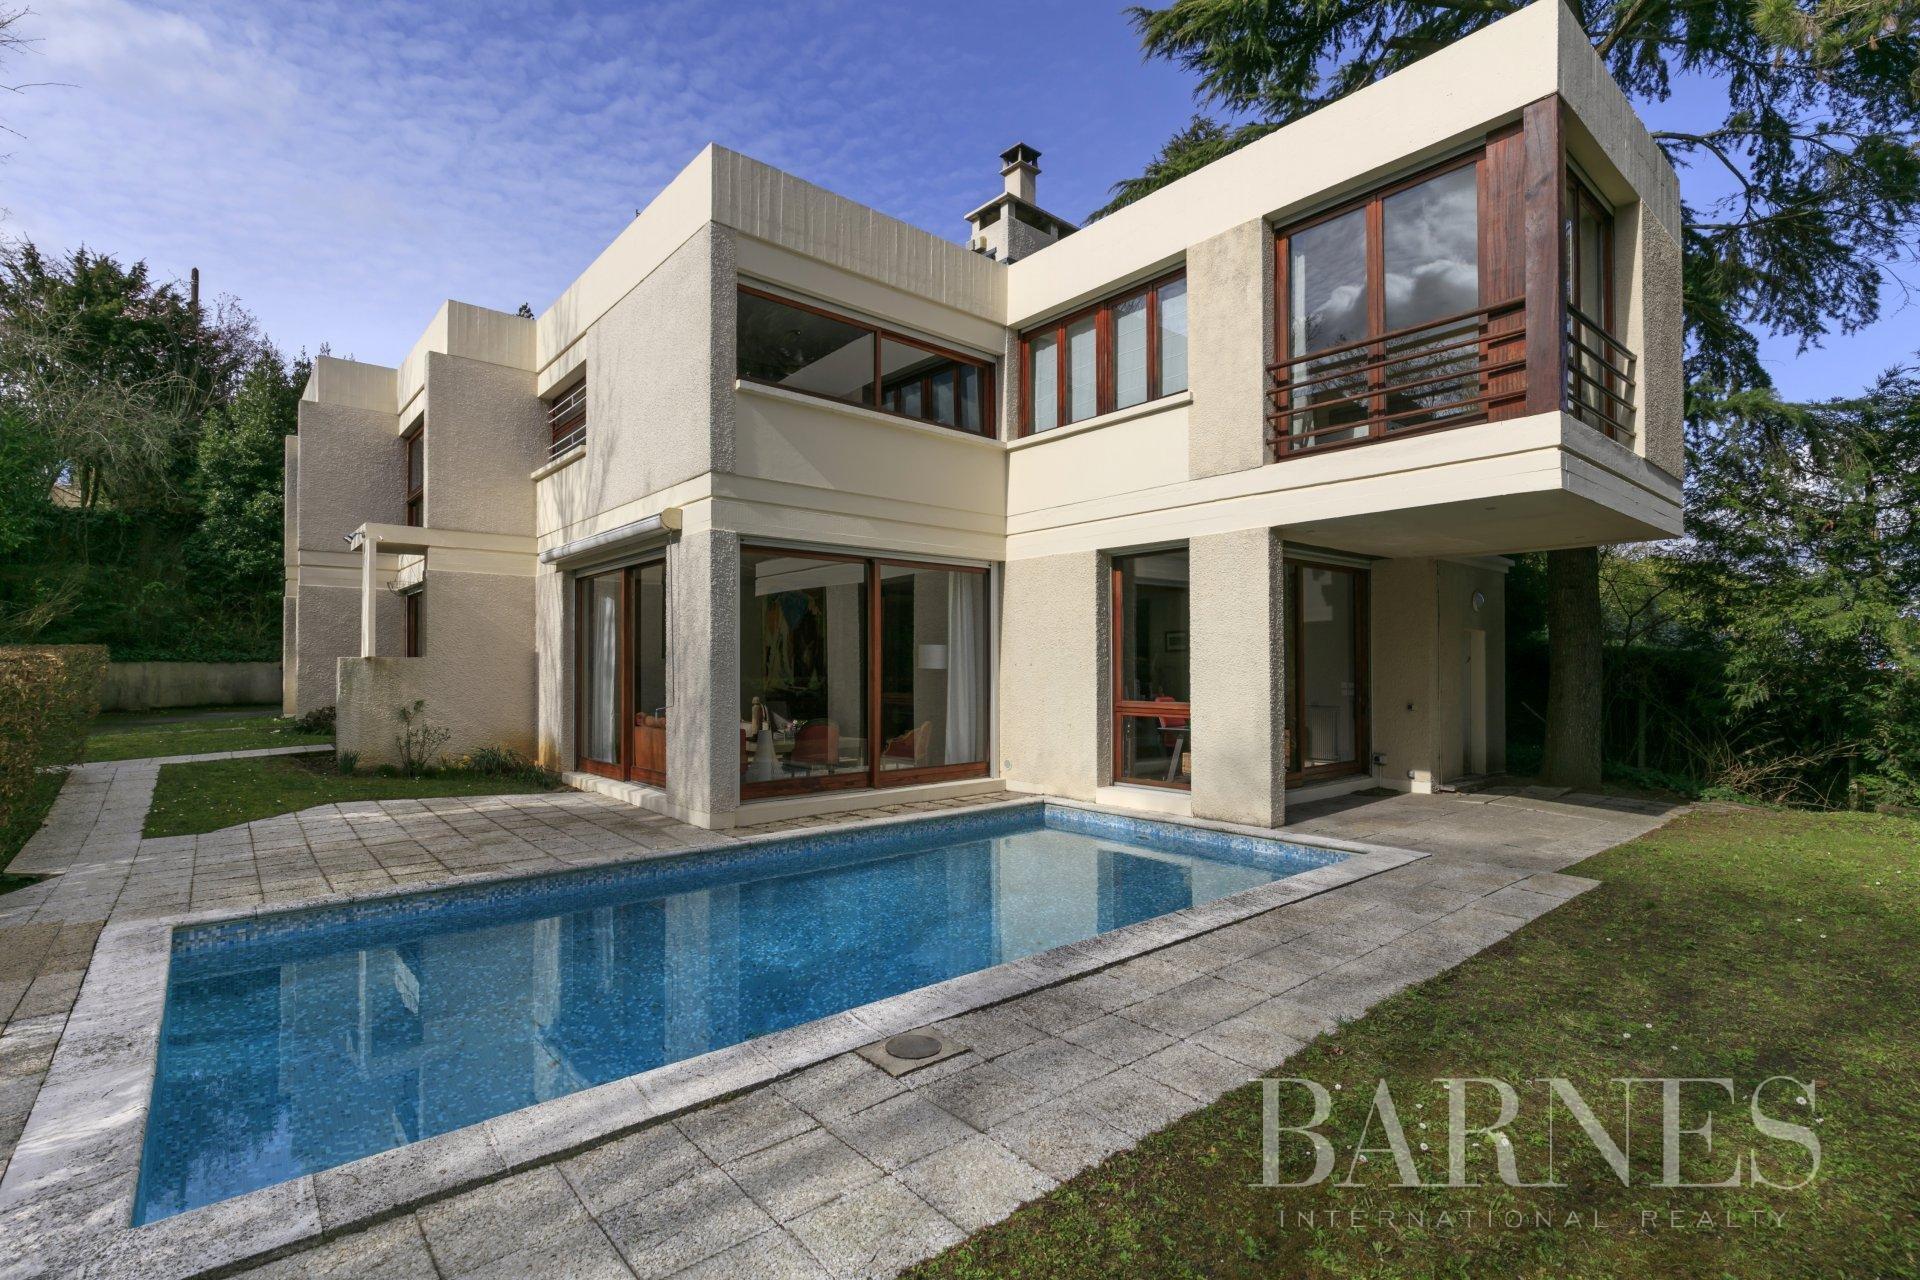 La Celle Saint-Cloud (78170) With Pool - Luxury Homes For ... avec Piscine Saint Cloud